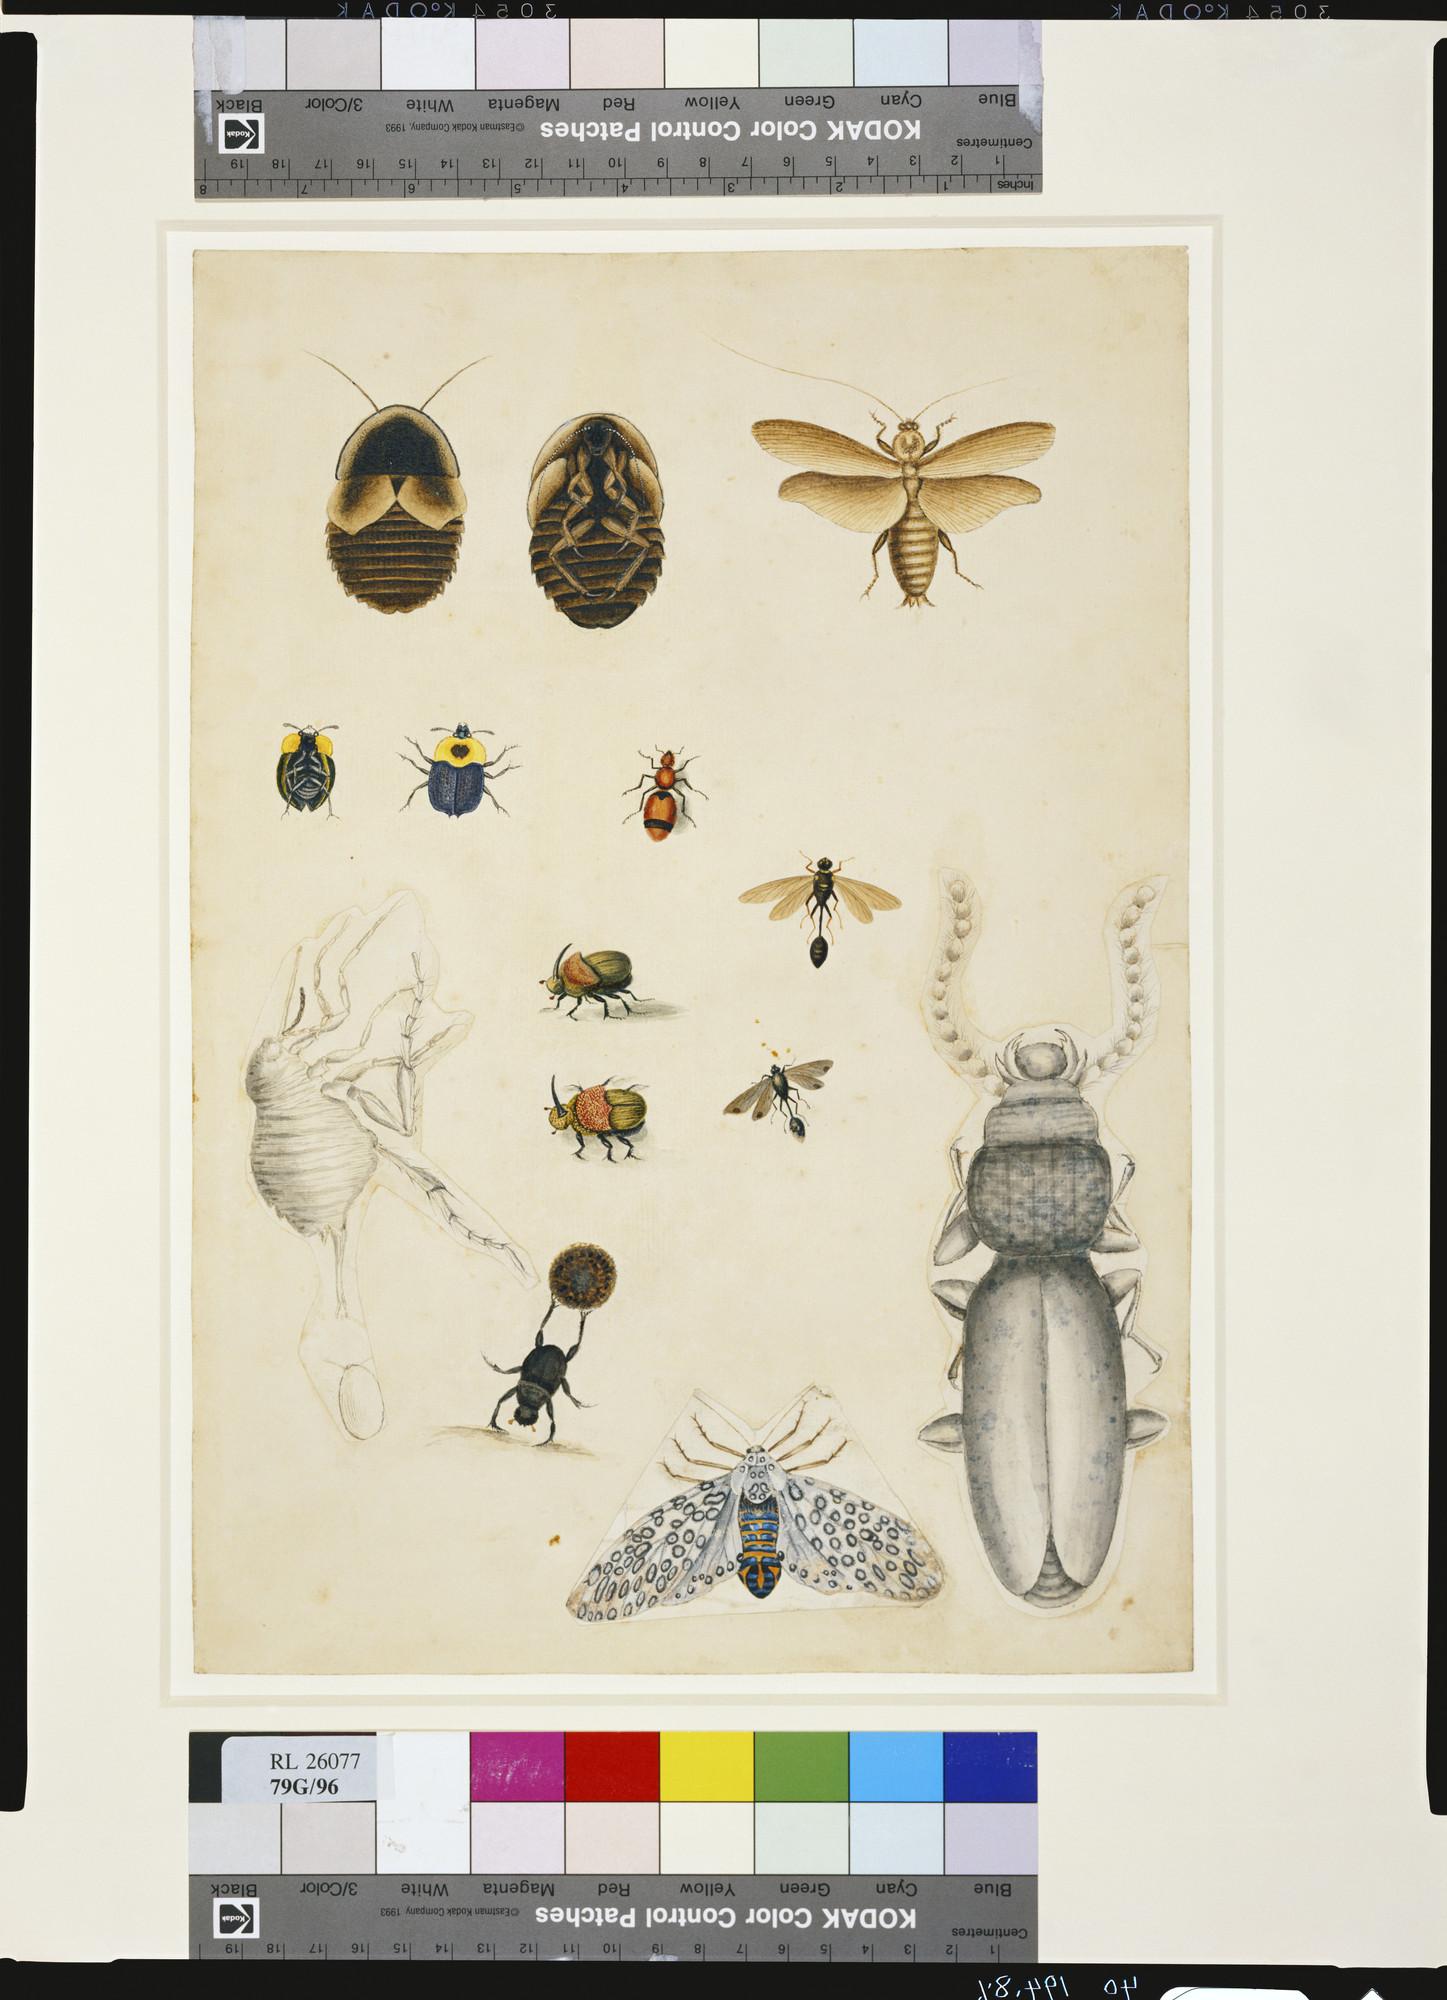 Mark Catesby (1682-1749) - Blatta maxima fusca peltata, The